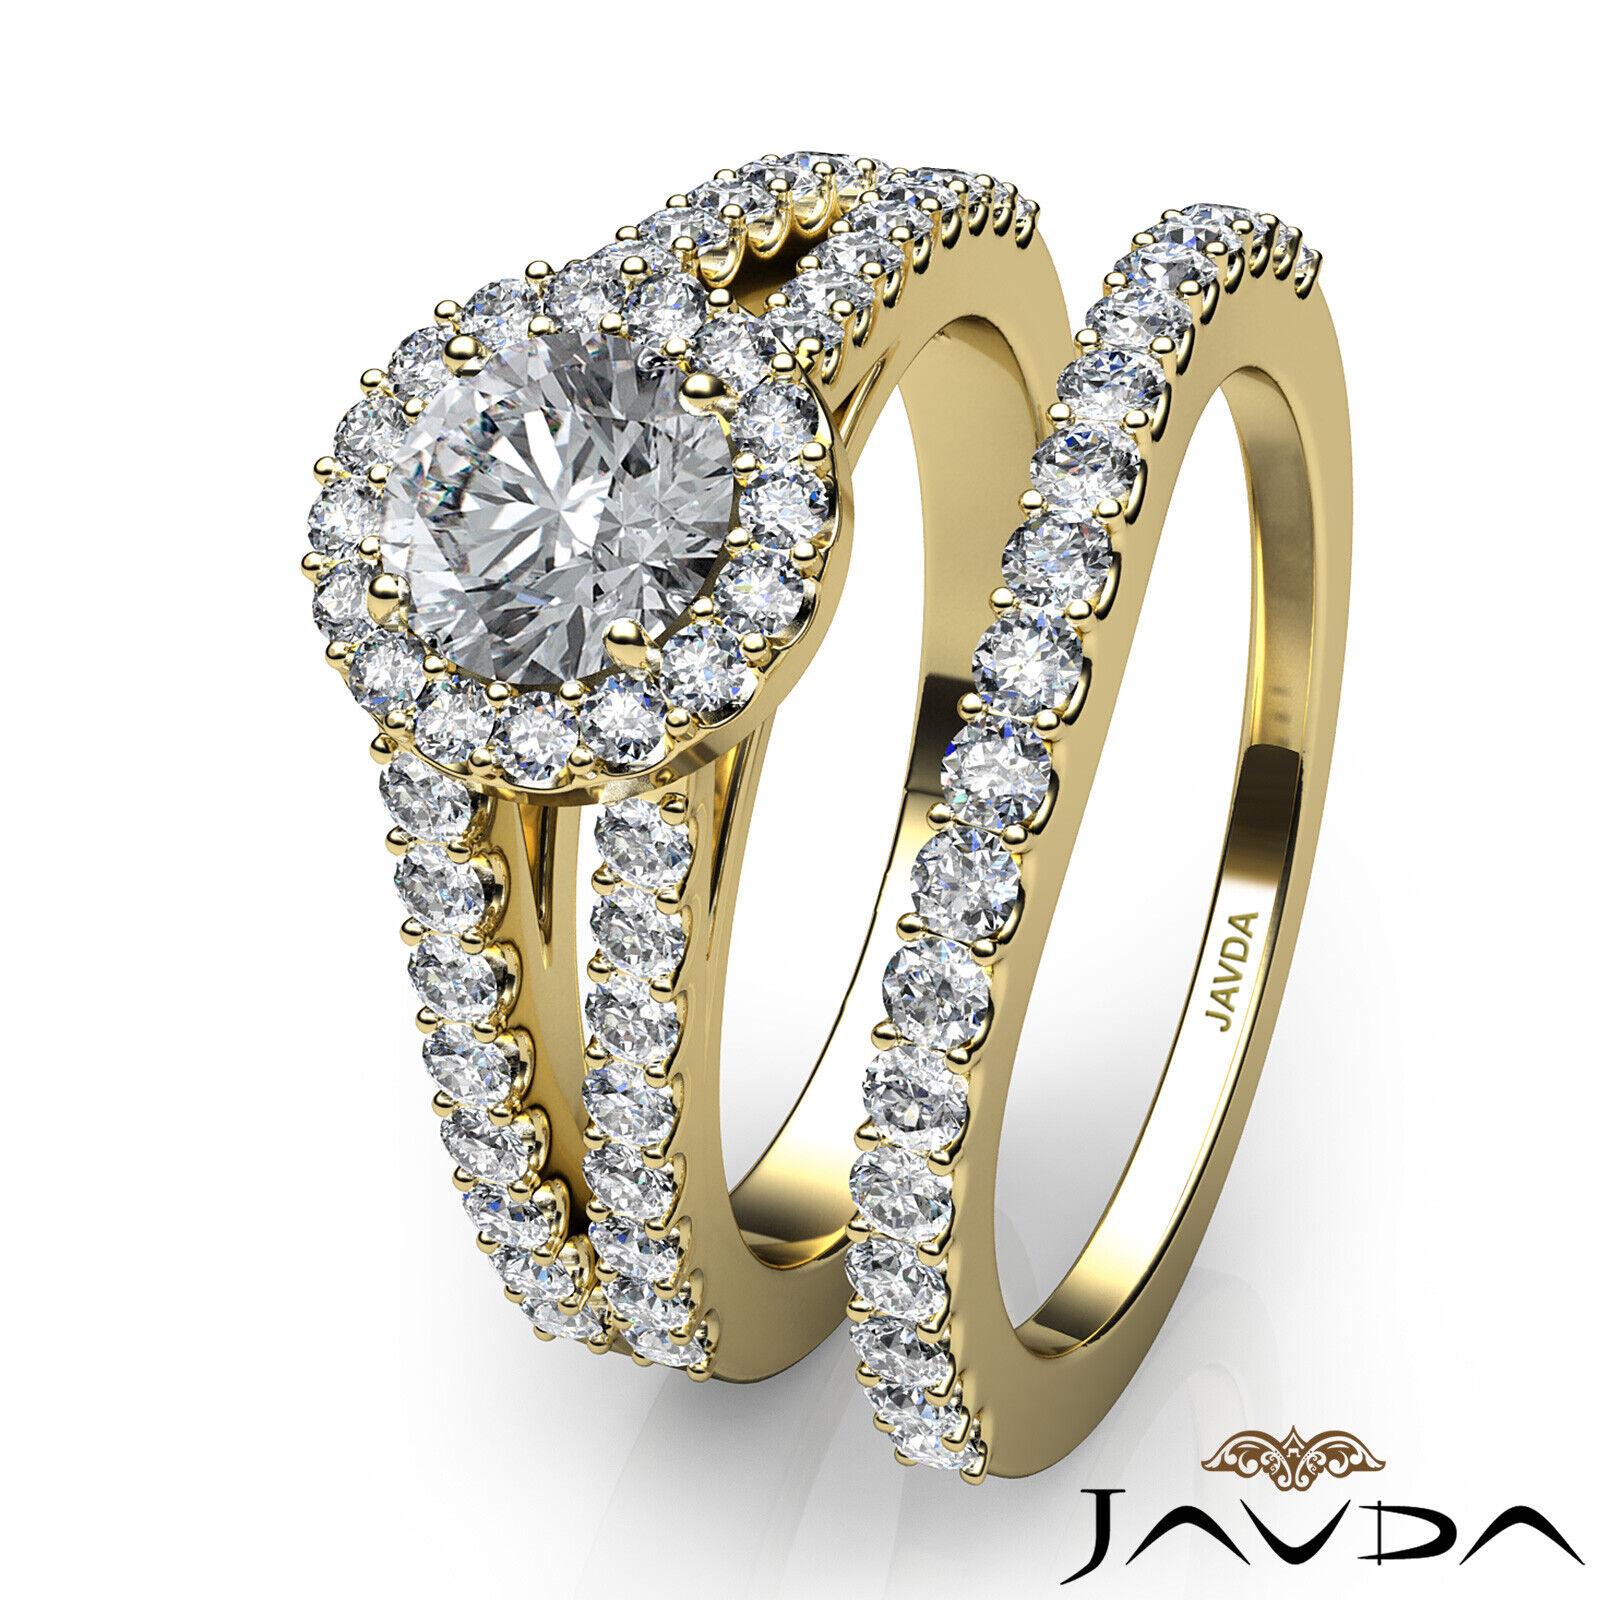 1.65ctw Luxurious Wedding Bridal Round Diamond Engagement Ring GIA E-VVS2 W Gold 10